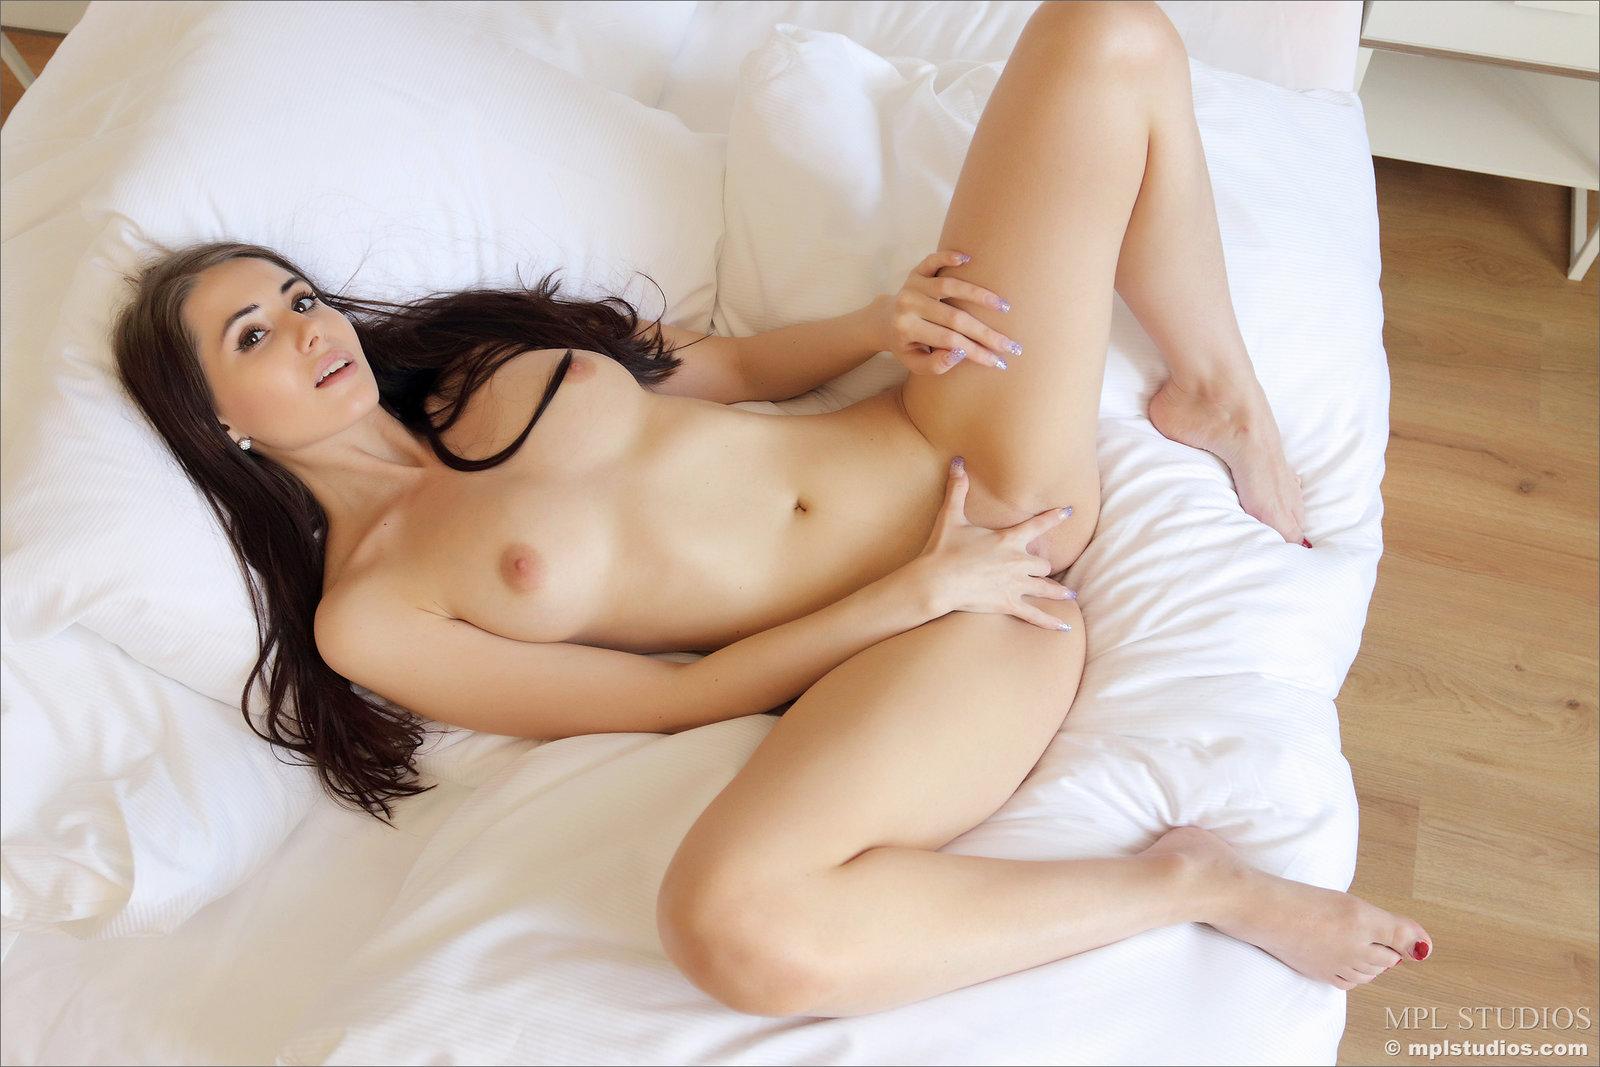 Zdjęcie porno - 1412 - Laska liże swe paluszki